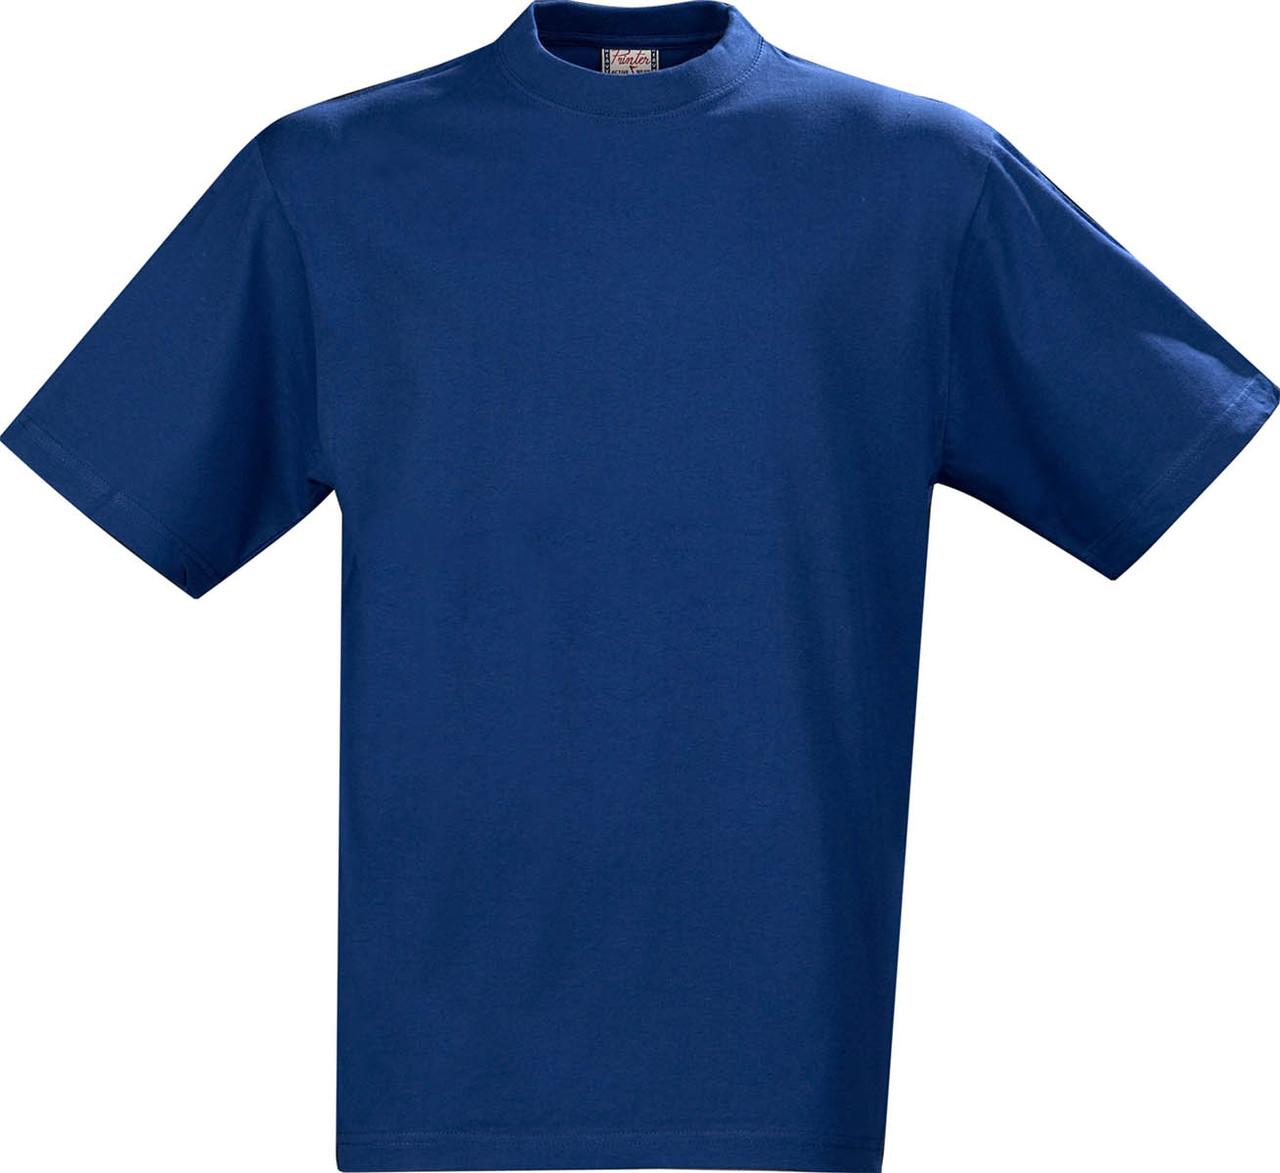 Футболка мужская Heavy от ТМ Printer (цвет синий)